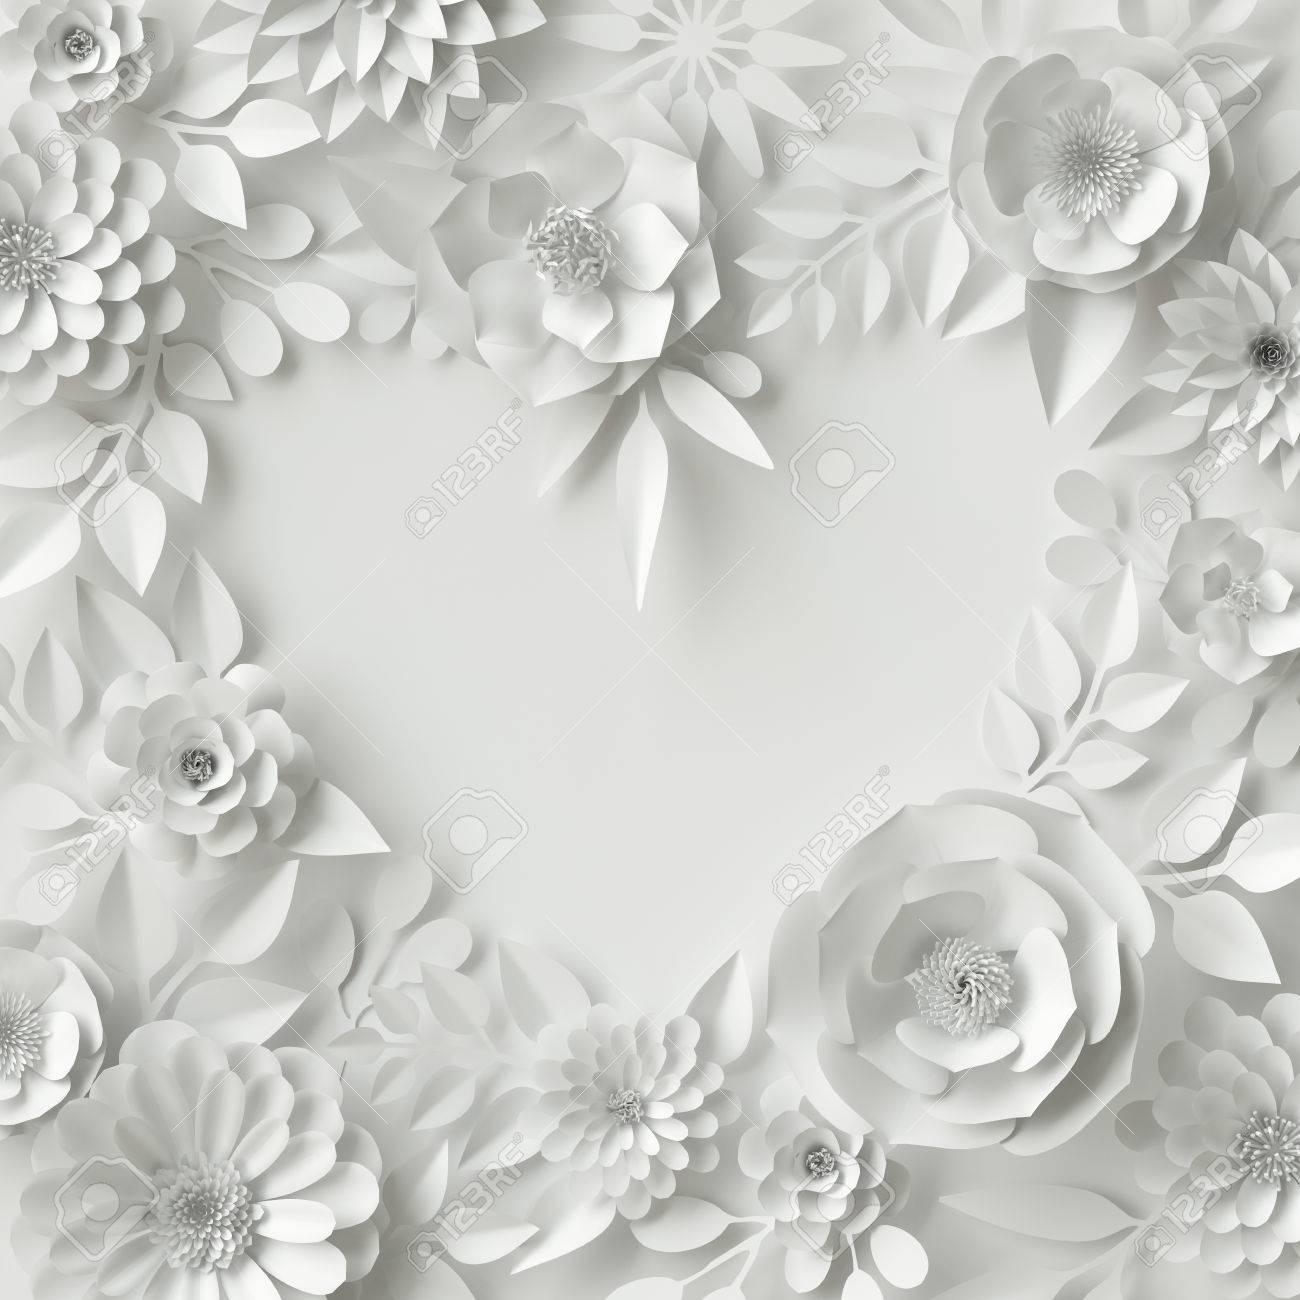 3d Render, Digital Illustration, White Paper Flowers, Floral.. Stock ...